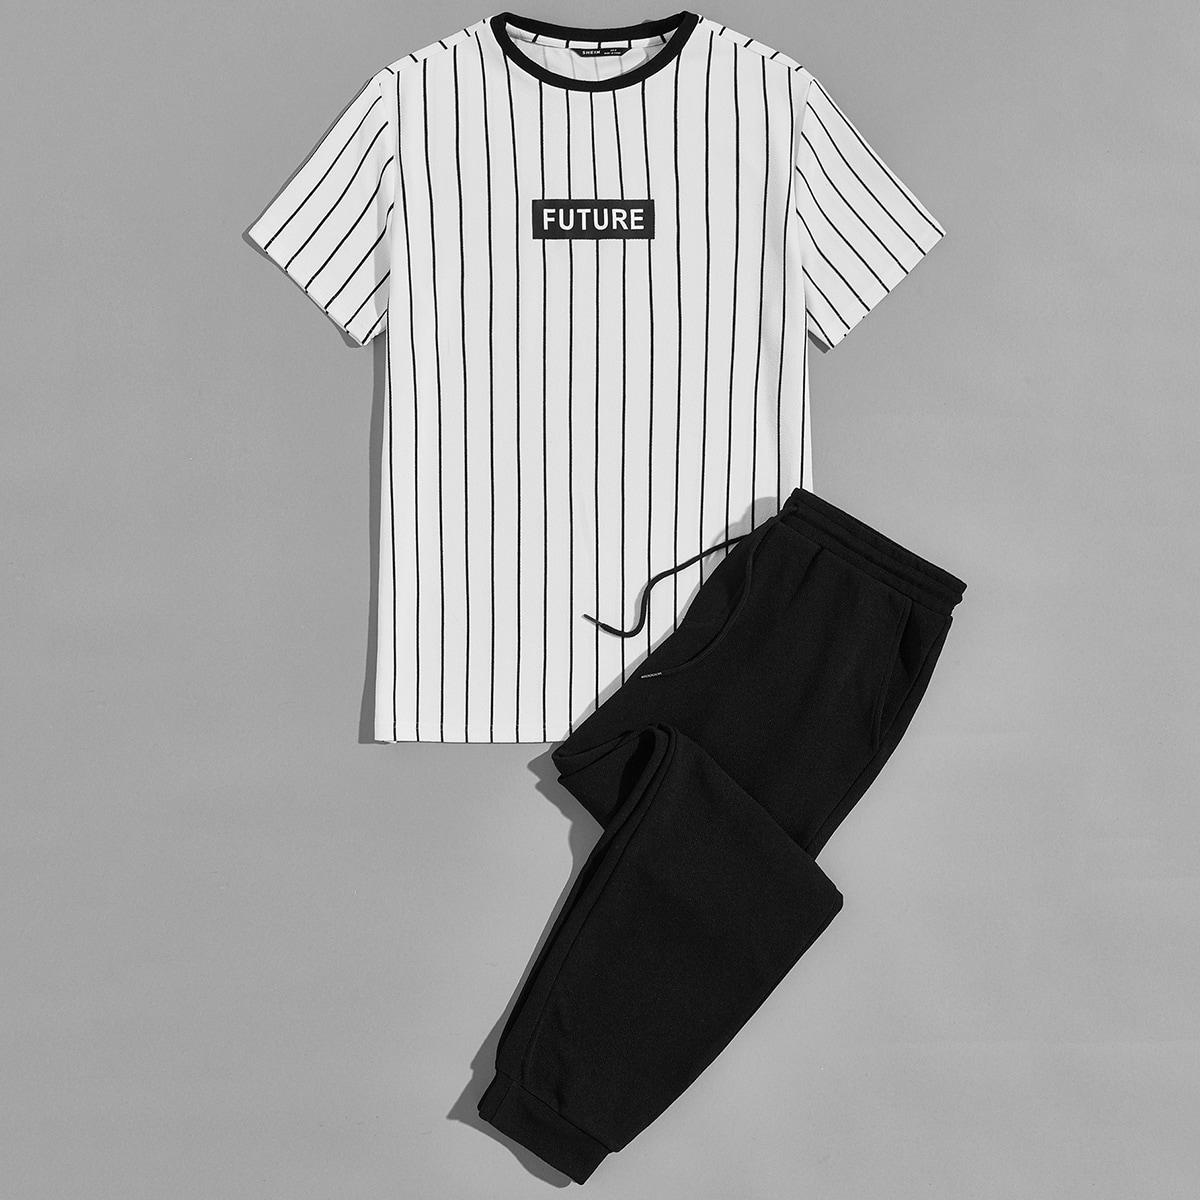 Мужские спортивные брюки и футболка в полоску с текстовым принтом фото